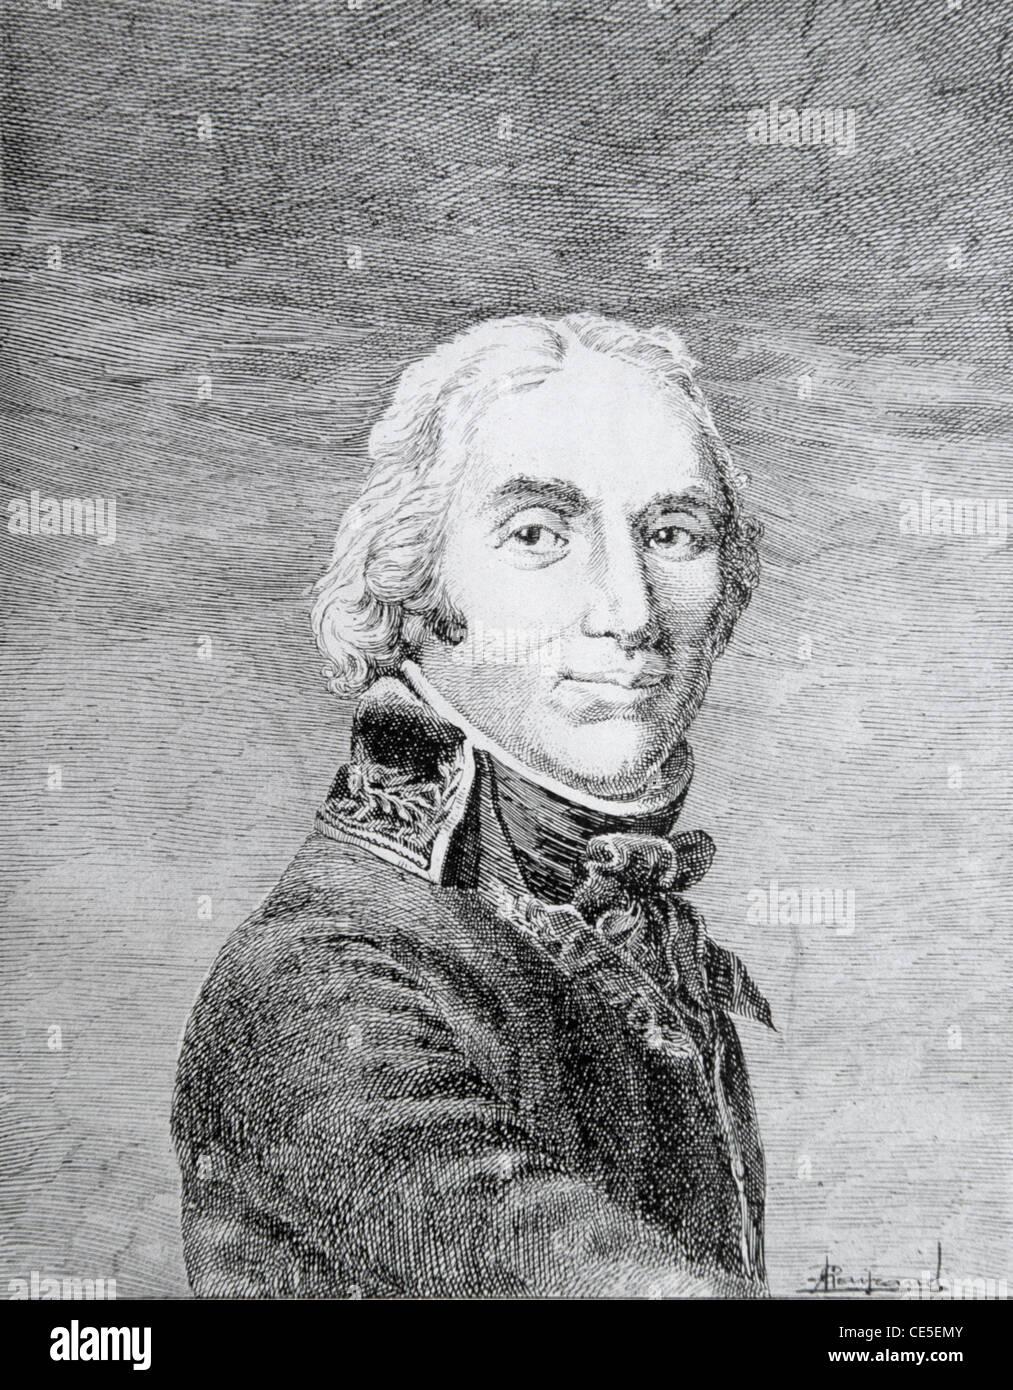 Porträt von Andre Massena, französischer General oder Feldmarschall (1758-1817) während der Revolutions- und Napoleonischen Kriege. Vintage Illustration oder Gravur Stockfoto